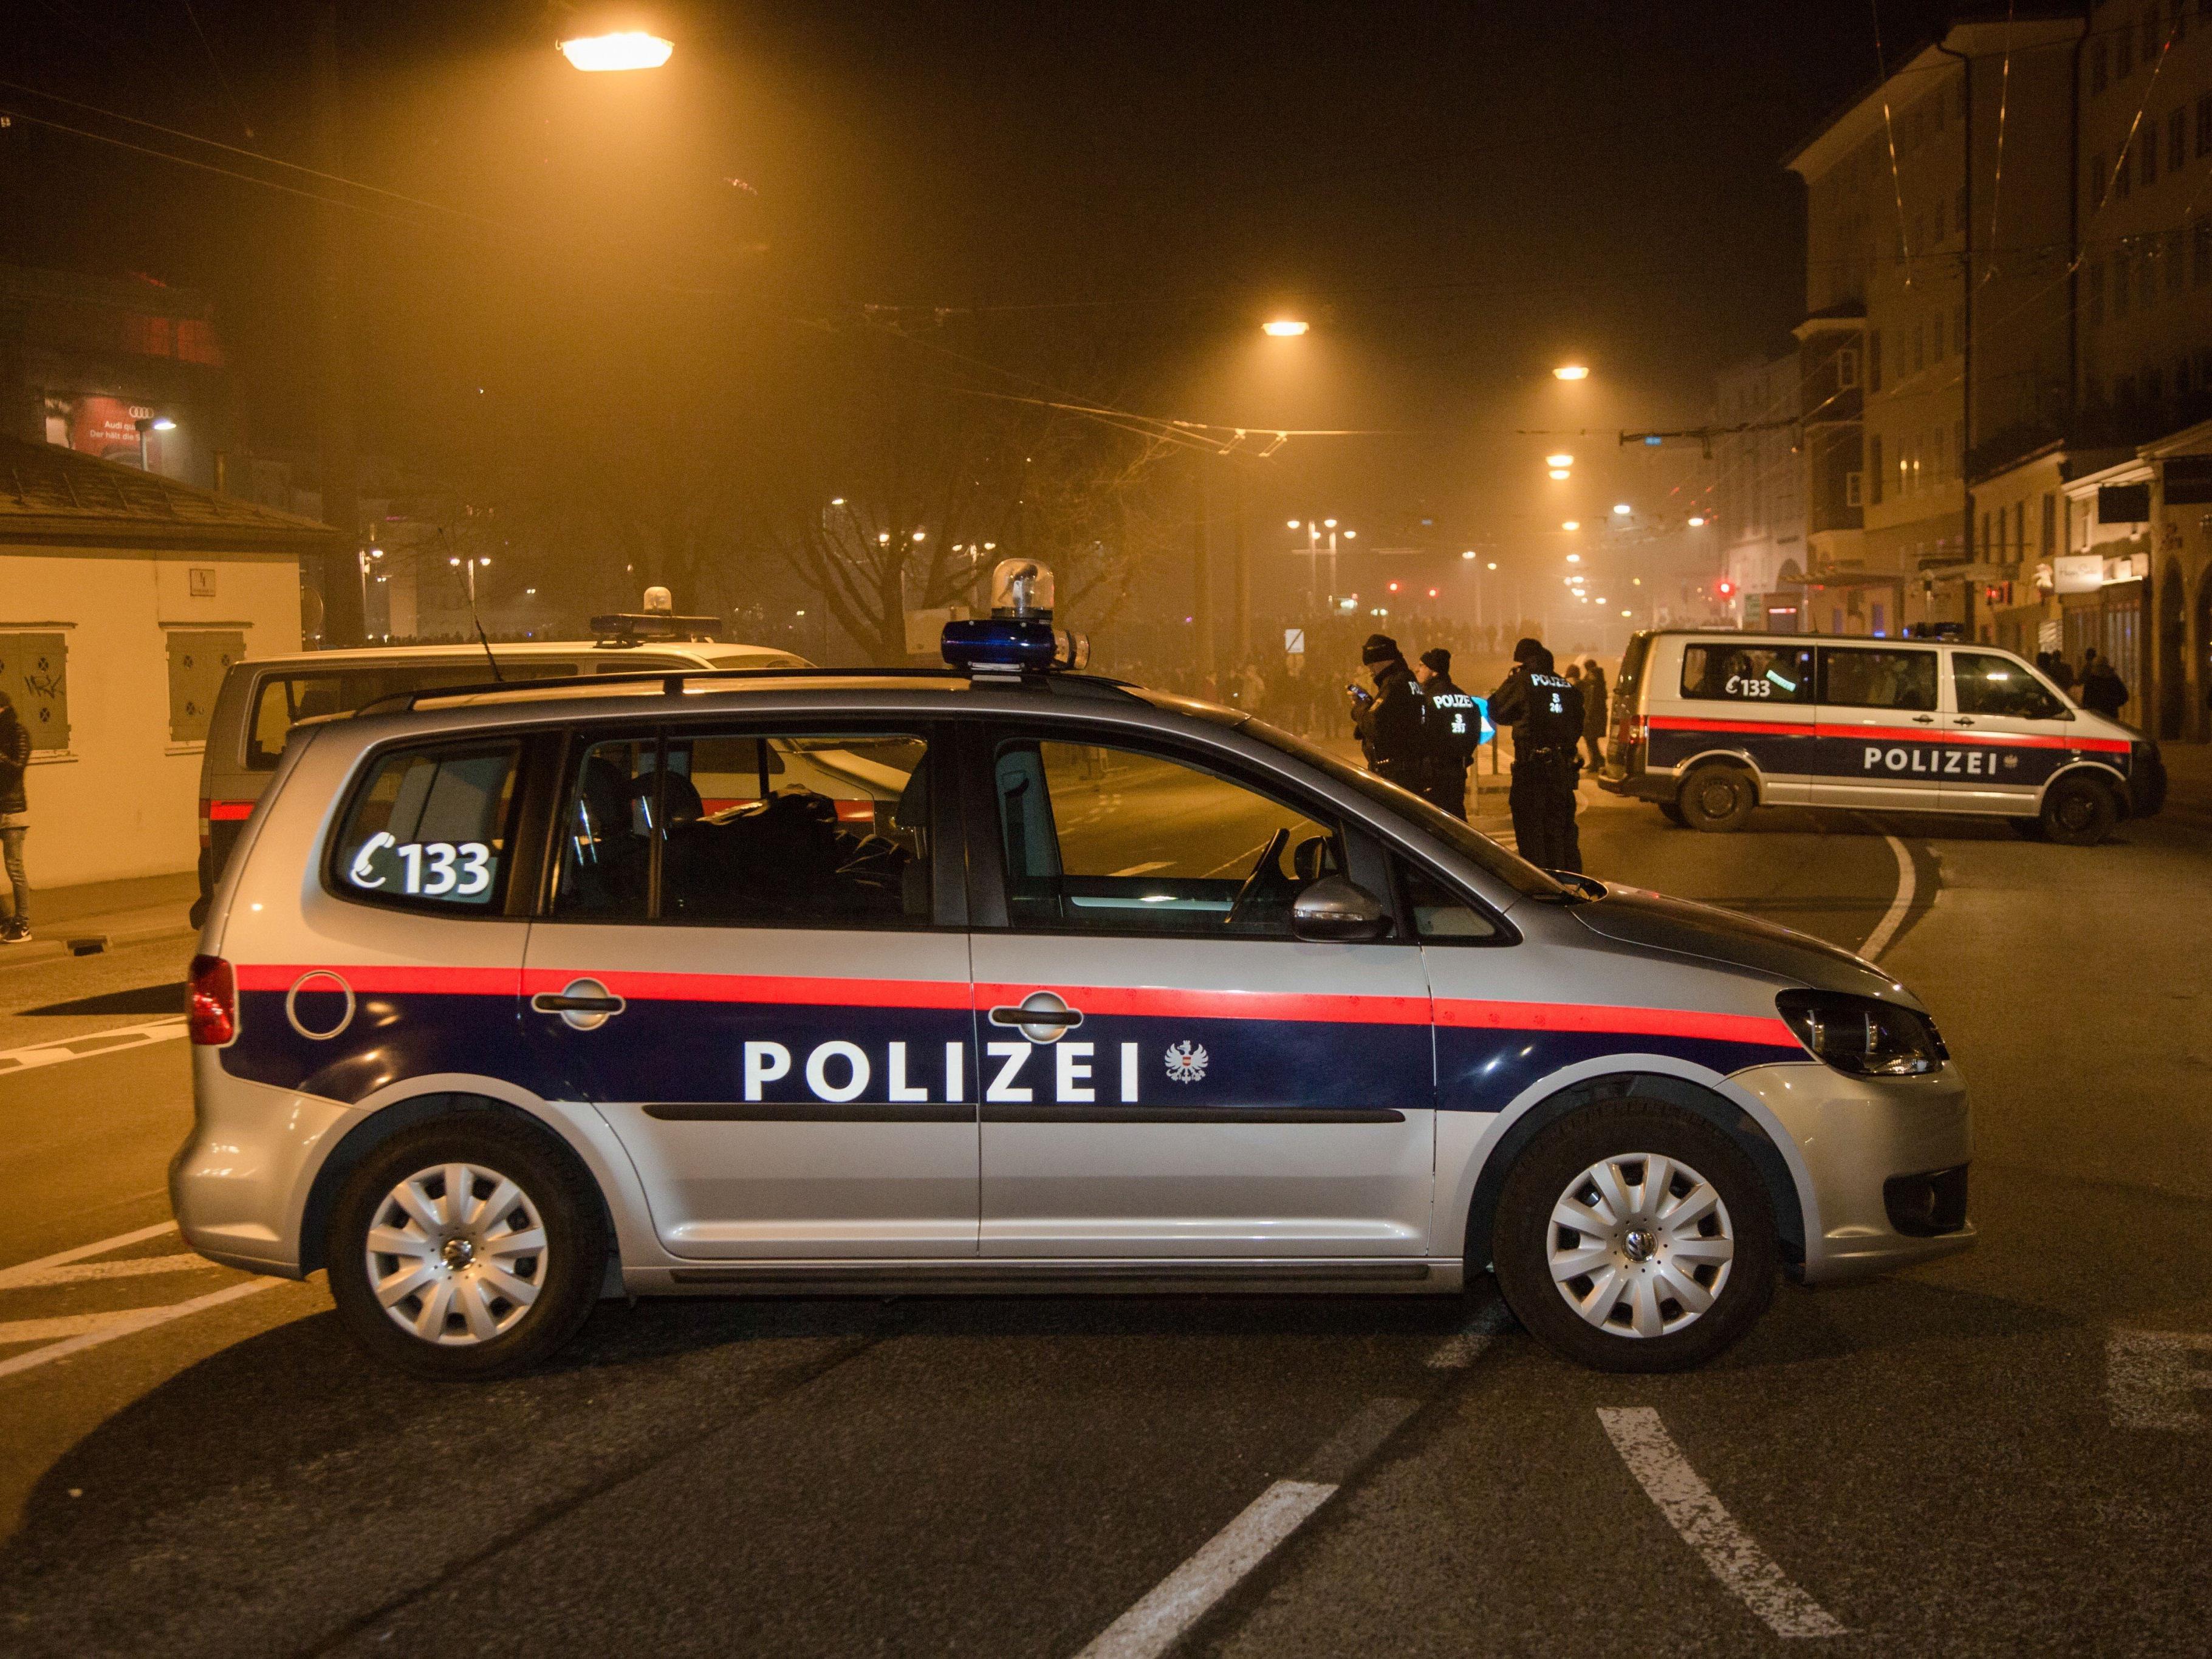 Die Polizei musste einschreiten.